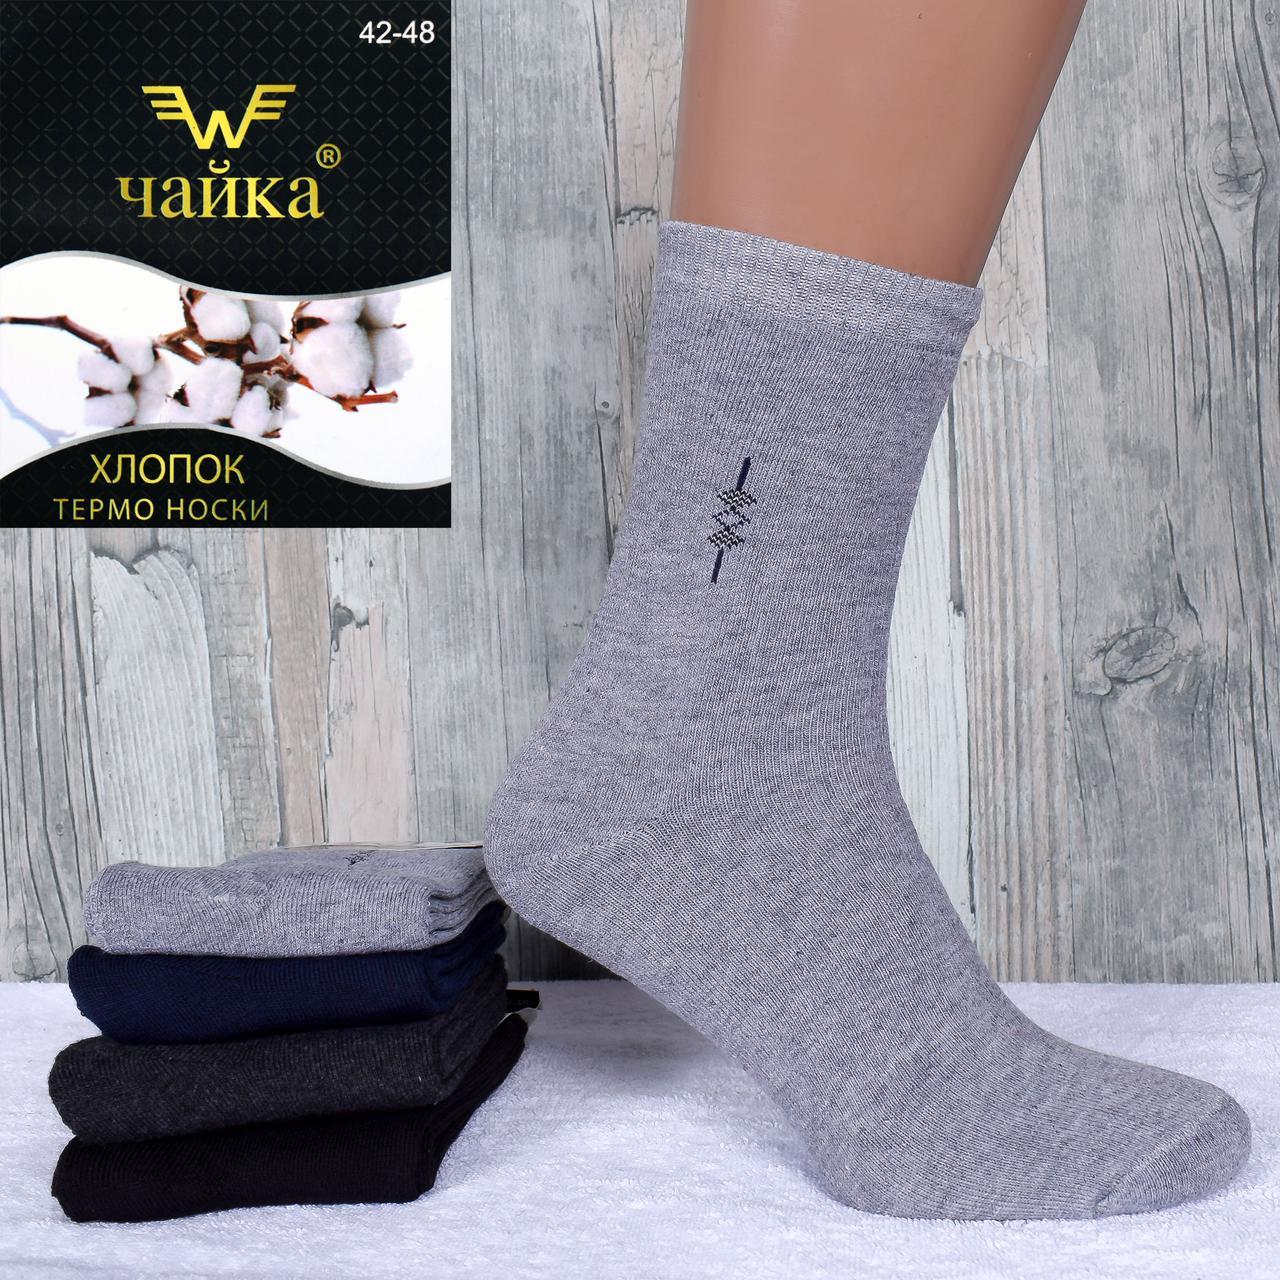 cbd1da88ac1b7 Мужские махровые носки Чайка А846 В упаковке 12 пар. - купить по ...